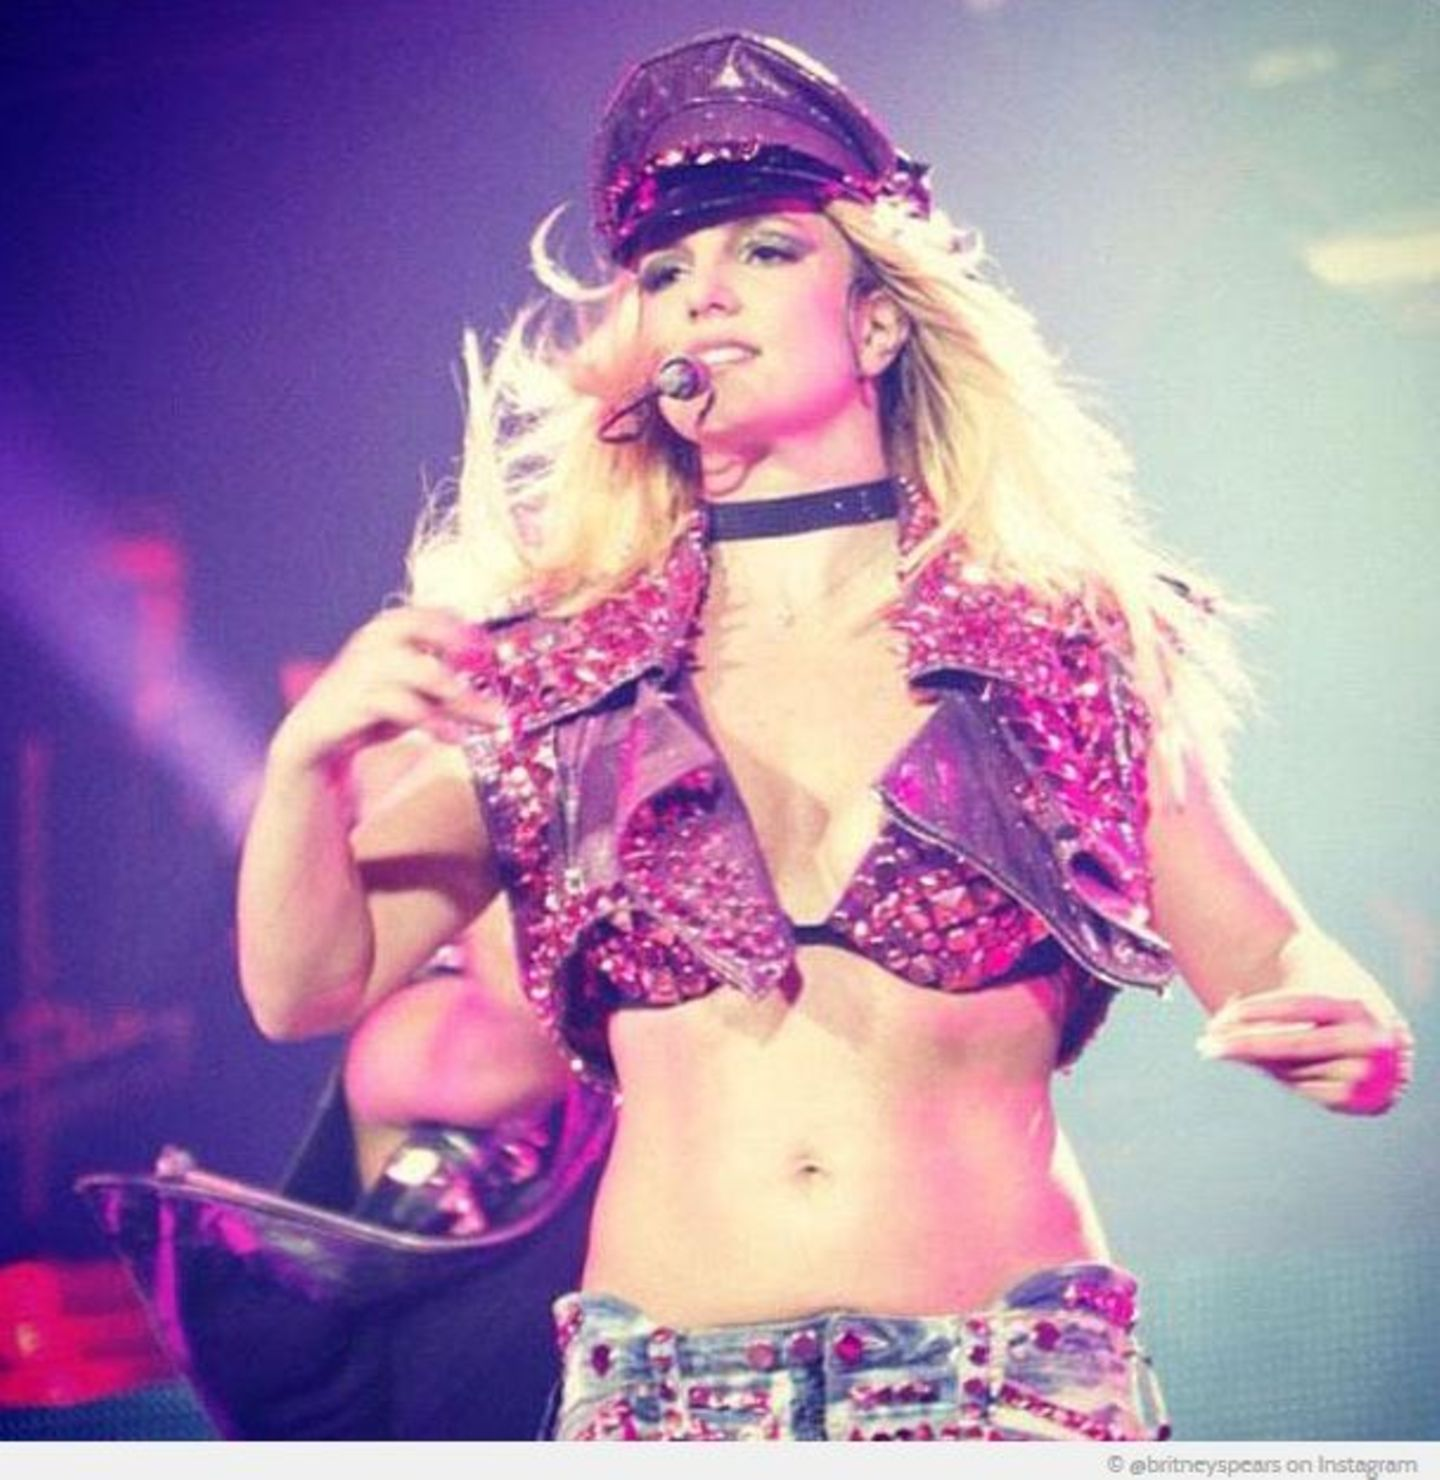 Britney Spears startet ihre instagram-Karriere 2011 mit einem Bild von ihrem Bühnen-Comeback.